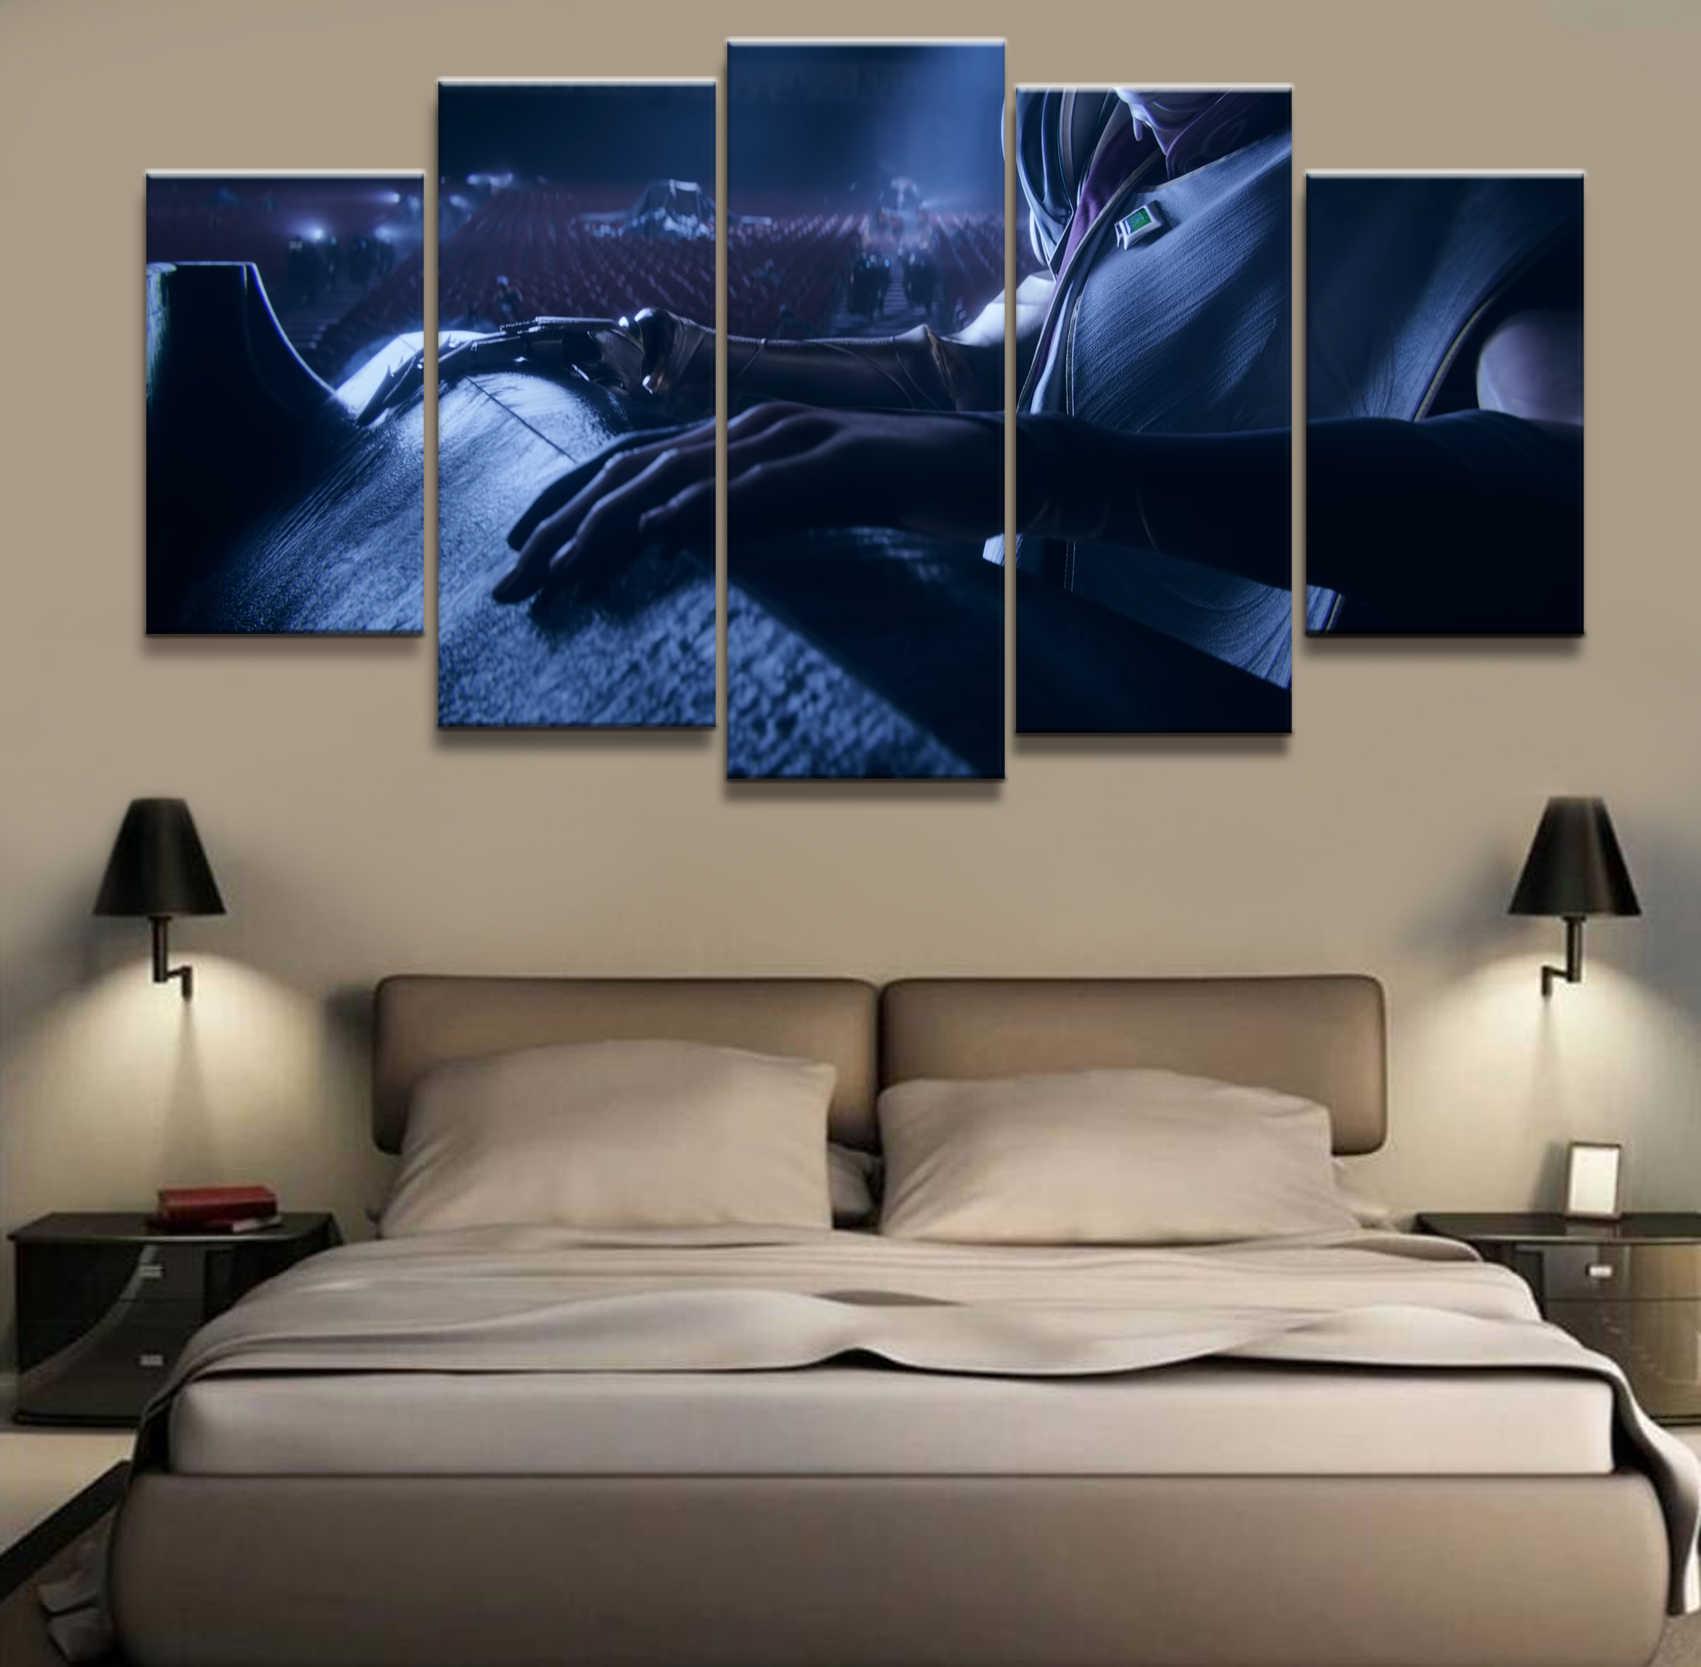 5 لوحة Khada Jhin LOL الدوري من أساطير لعبة قماش رسمة مطبوعة لغرفة المعيشة جدار ديكور فني HD الصورة يعمل المشارك